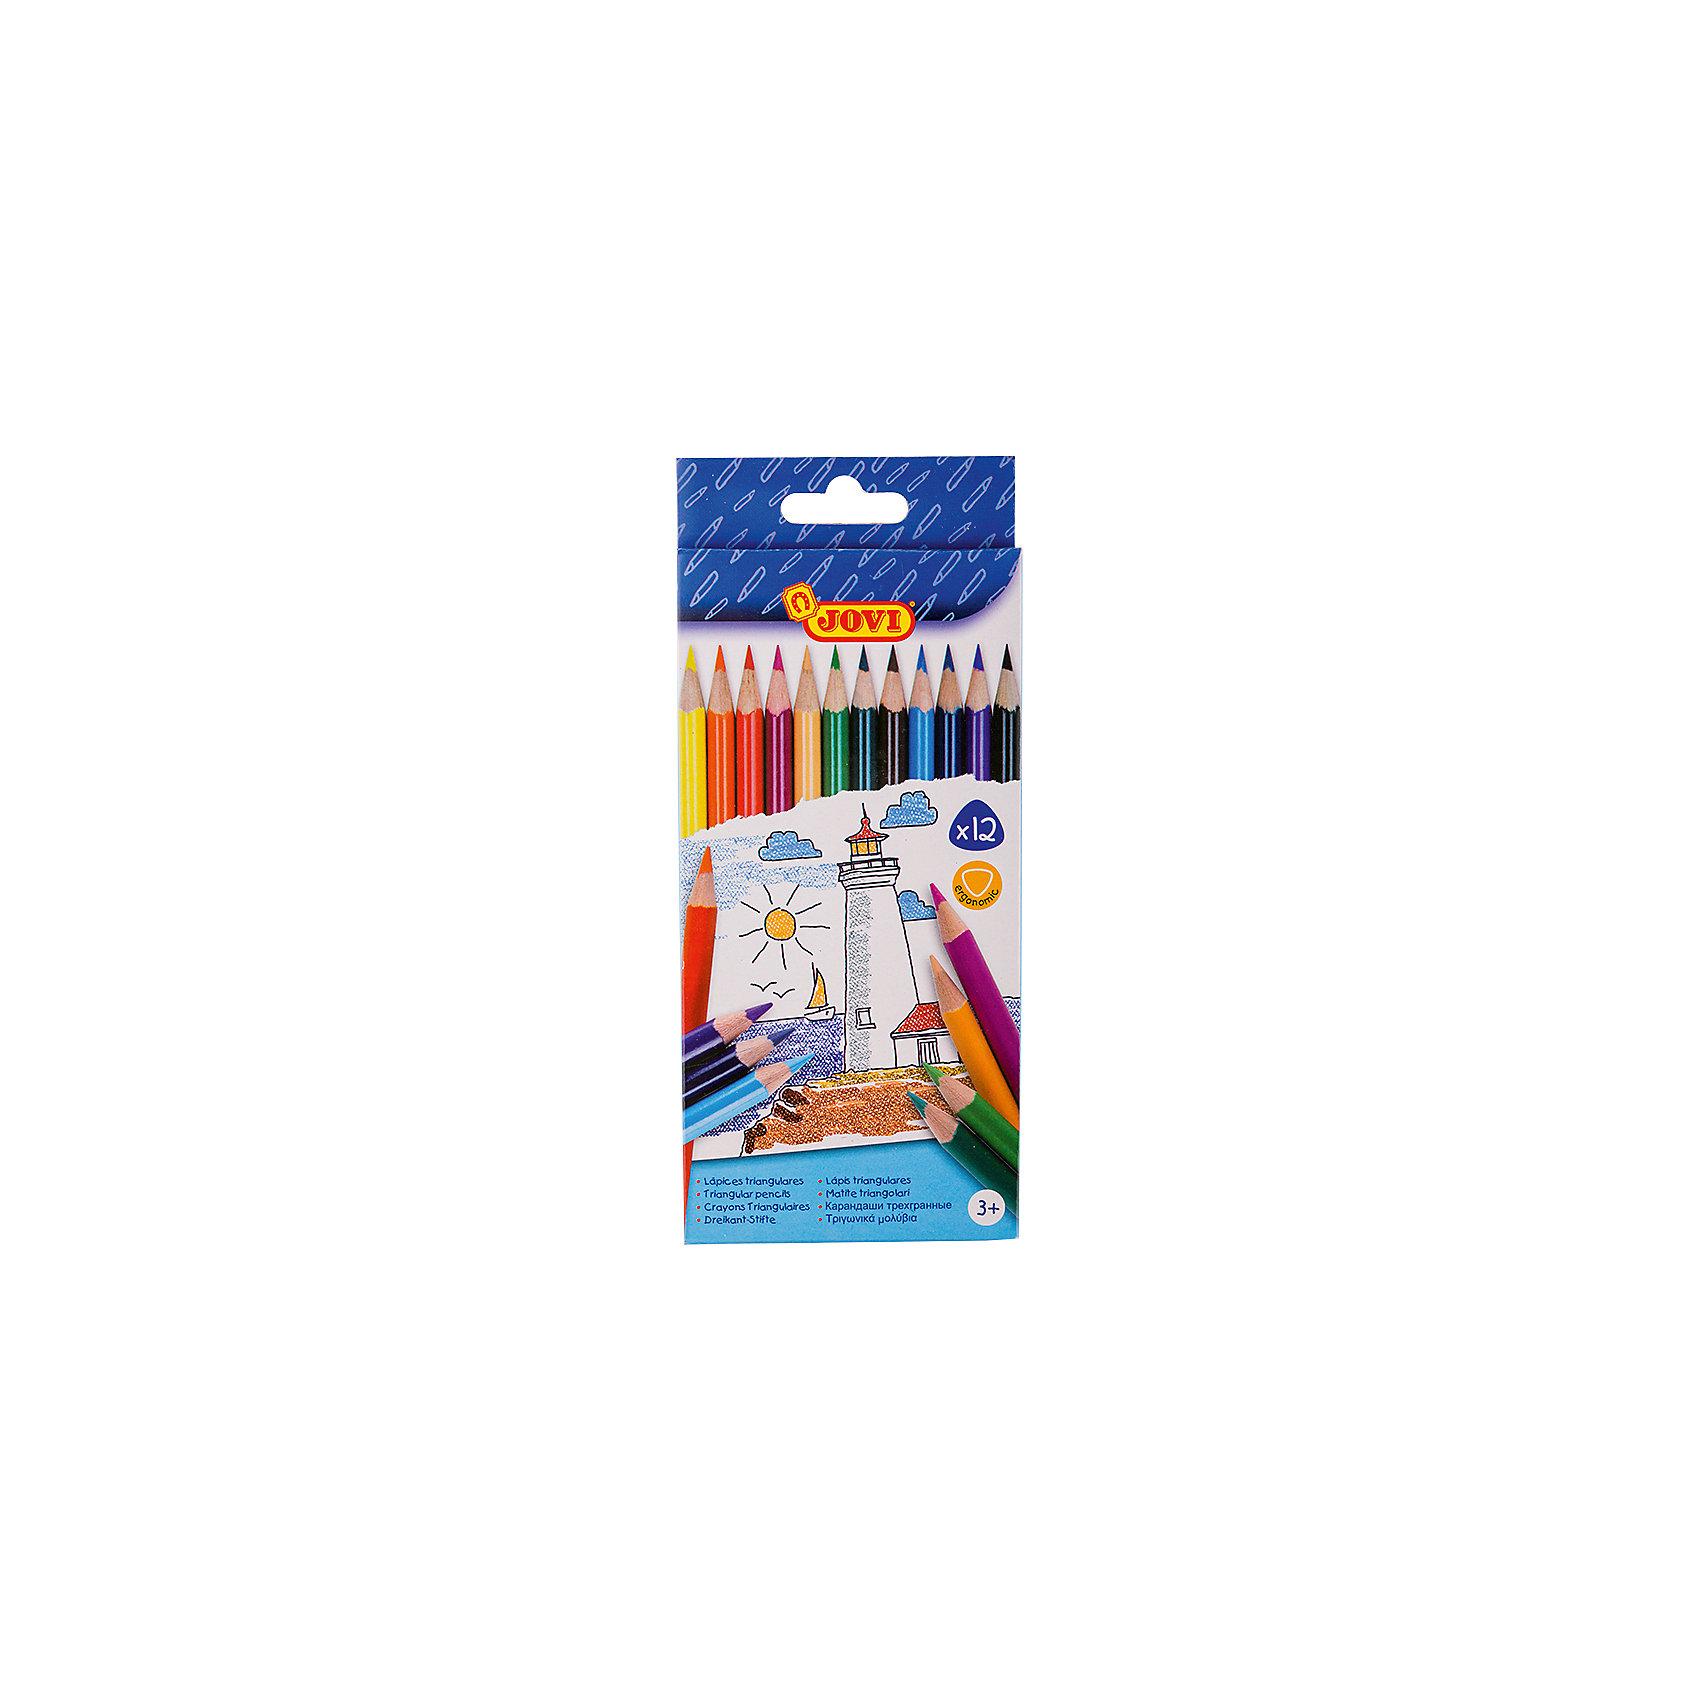 Карандаши 12 цветов JOVI, трехгранныеПисьменные принадлежности<br>Количество цветов: 12 <br>Материал корпуса: дерево<br>Диаметр корпуса: 7,5<br>Форма корпуса: трехгранная<br>Заточено: да<br>Длина: 175<br>Диаметр грифеля: 3<br>Упаковка ед. товара: картонная коробка<br>Ударопрочный грифель: да<br>Наличие европодвеса: есть<br>Наличие штрихкода на ед. товара: есть<br>Треугольные деревянные карандаши толщиной 7,5 мм, длиной 175 мм. Удобная треугольная форма корпуса эргономична, снижает нагрузку на кисти рук. Грифель приклеен к деревянному корпусу, что предохраняет его от поломок при падении. Рисуют на бумаге, ватмане, картоне. Палитра из двенадцати красивых чистых цветов (желтый, красный, телесный, зеленый, голубой, синий, фиолетовый, оранжевый, розовый, темно-зеленый, коричневый, черный).<br><br>Ширина мм: 140<br>Глубина мм: 90<br>Высота мм: 7<br>Вес г: 30<br>Возраст от месяцев: 36<br>Возраст до месяцев: 2147483647<br>Пол: Унисекс<br>Возраст: Детский<br>SKU: 7044186